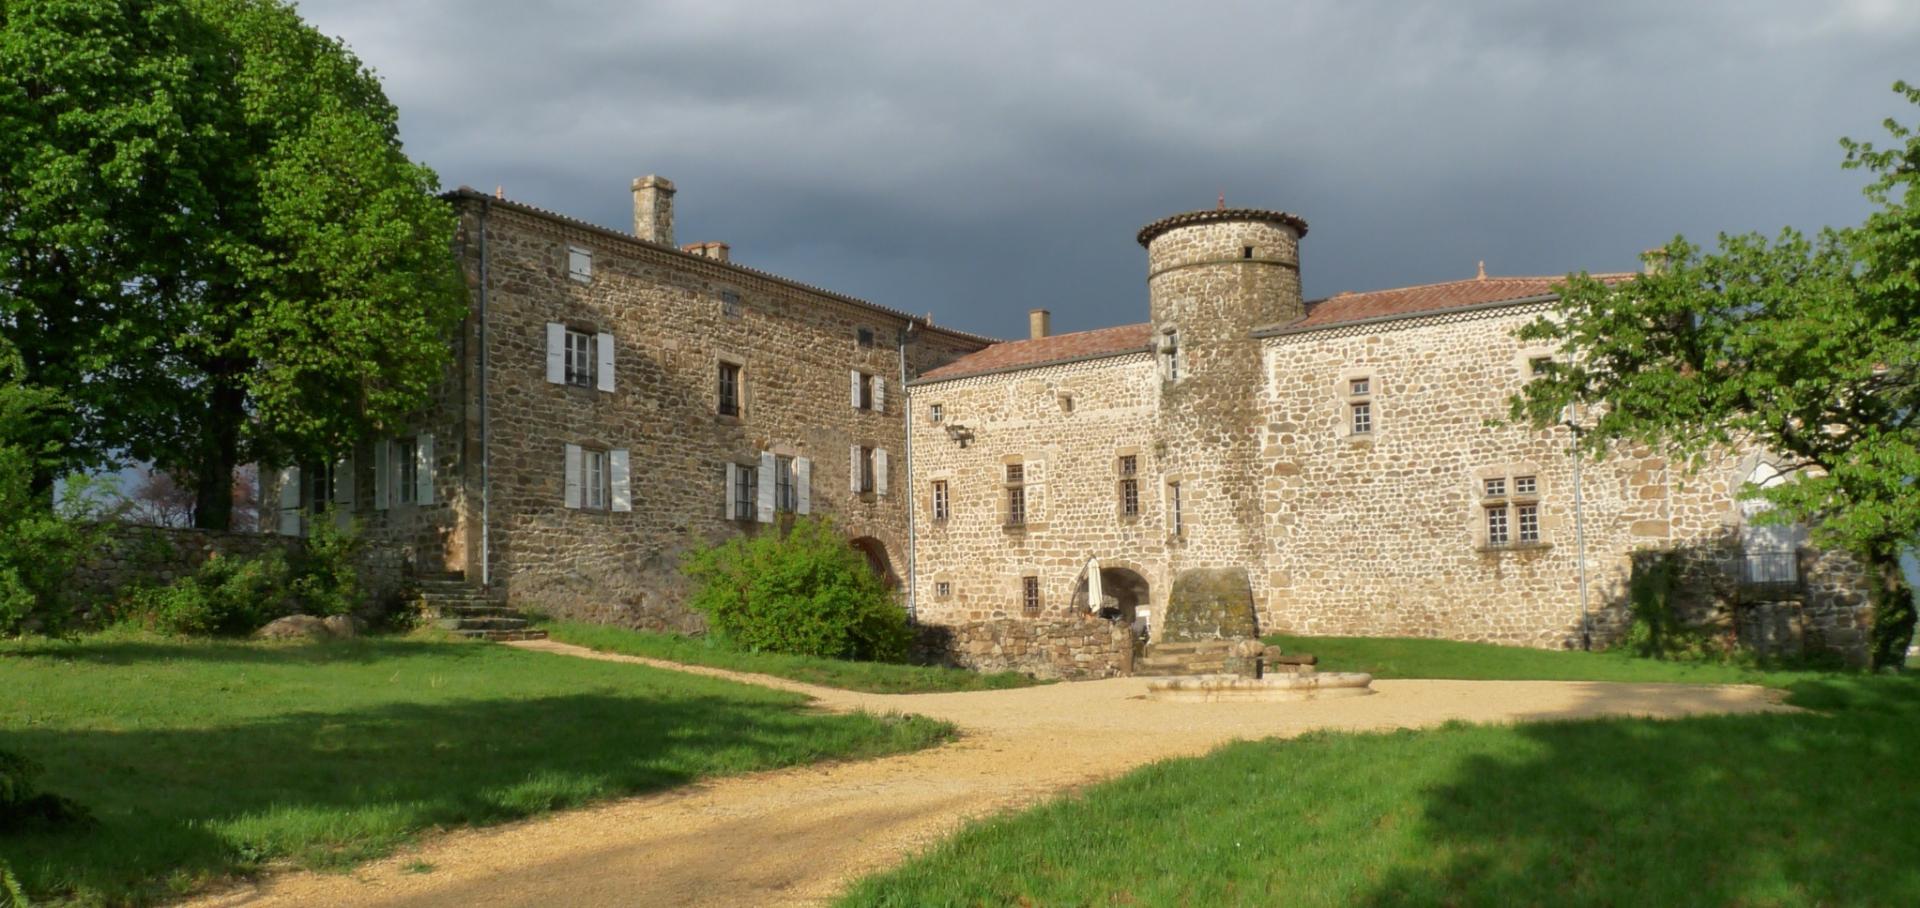 Le manoir de Munas (St Romain d'Ay)